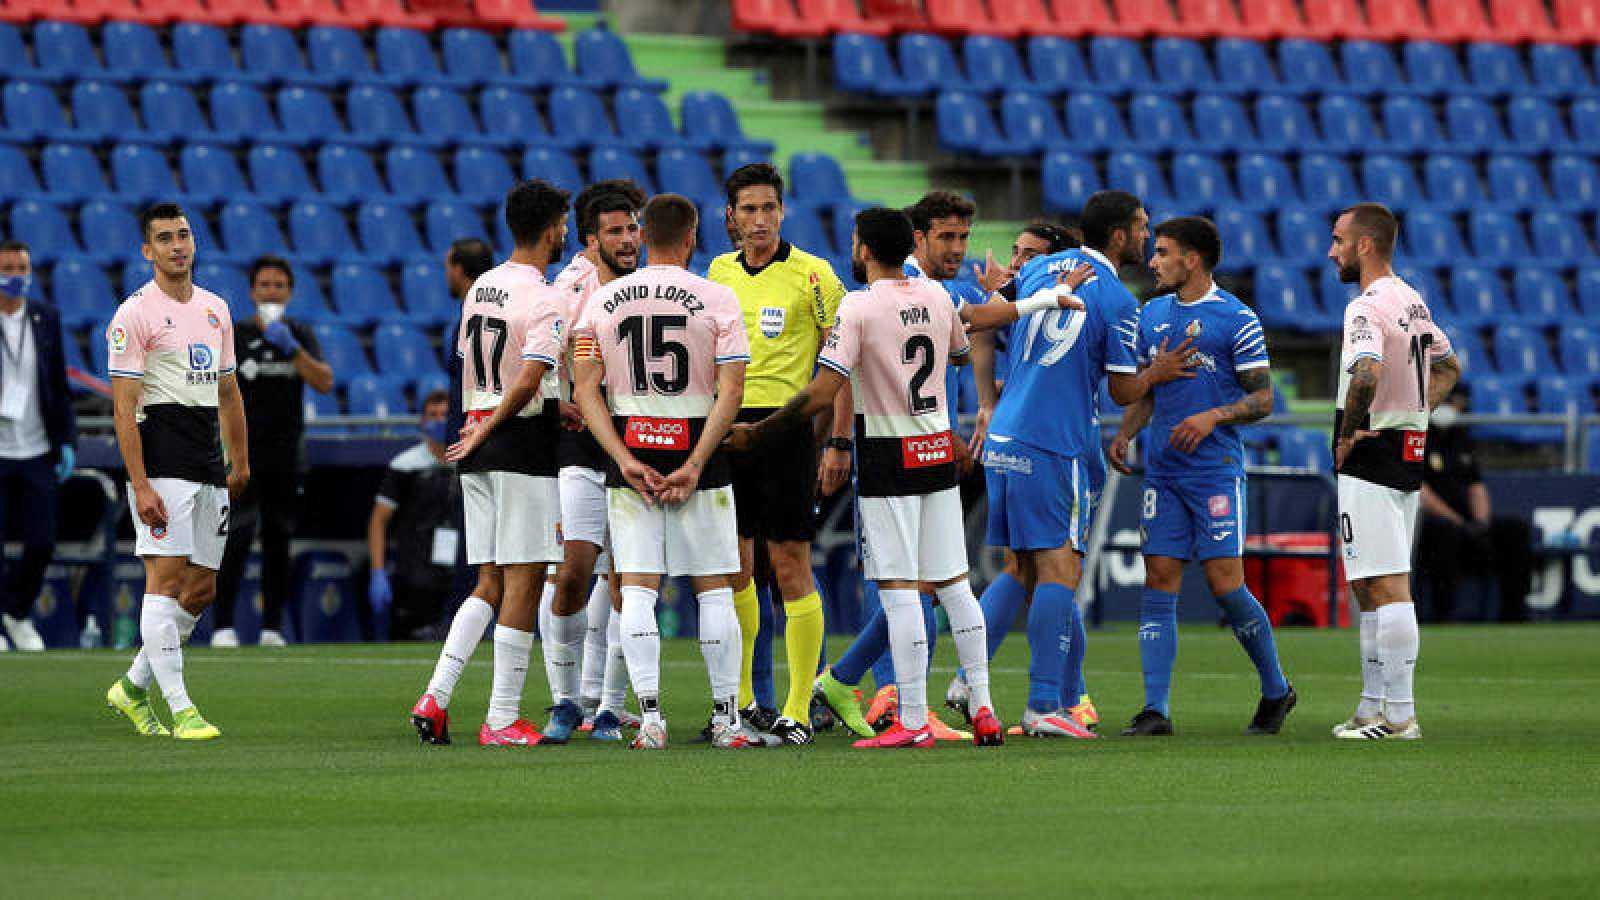 Jugadores del Getafe y el Espanyol rodean al árbitro